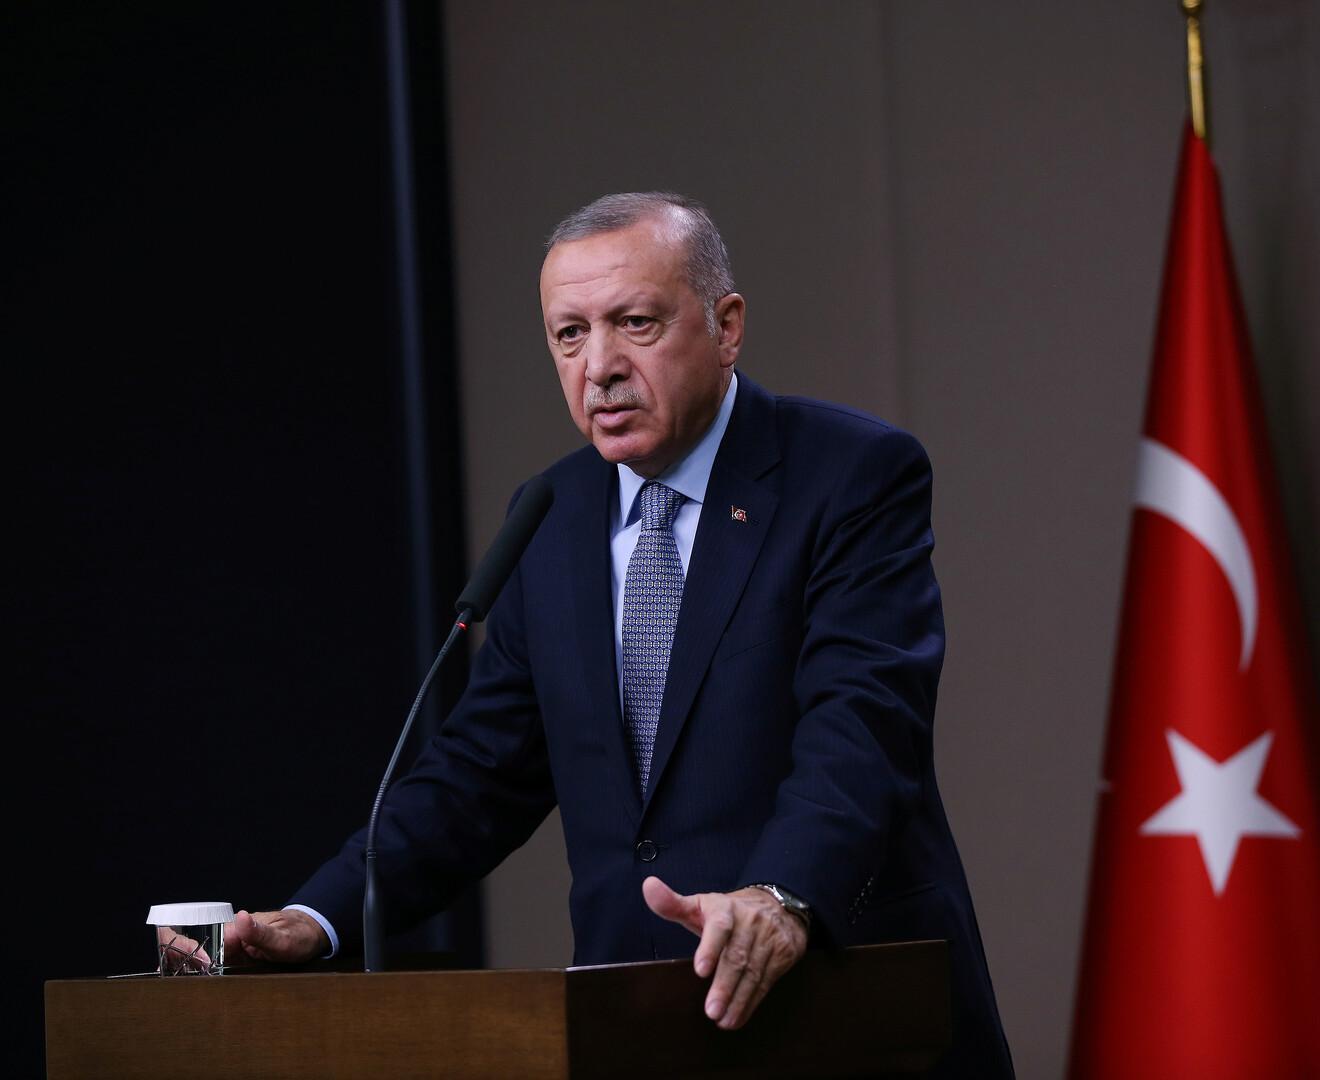 وسائل إعلام نقلا عن أردوغان: الولايات المتحدة لم تنفذ وعودها بشأن سوريا